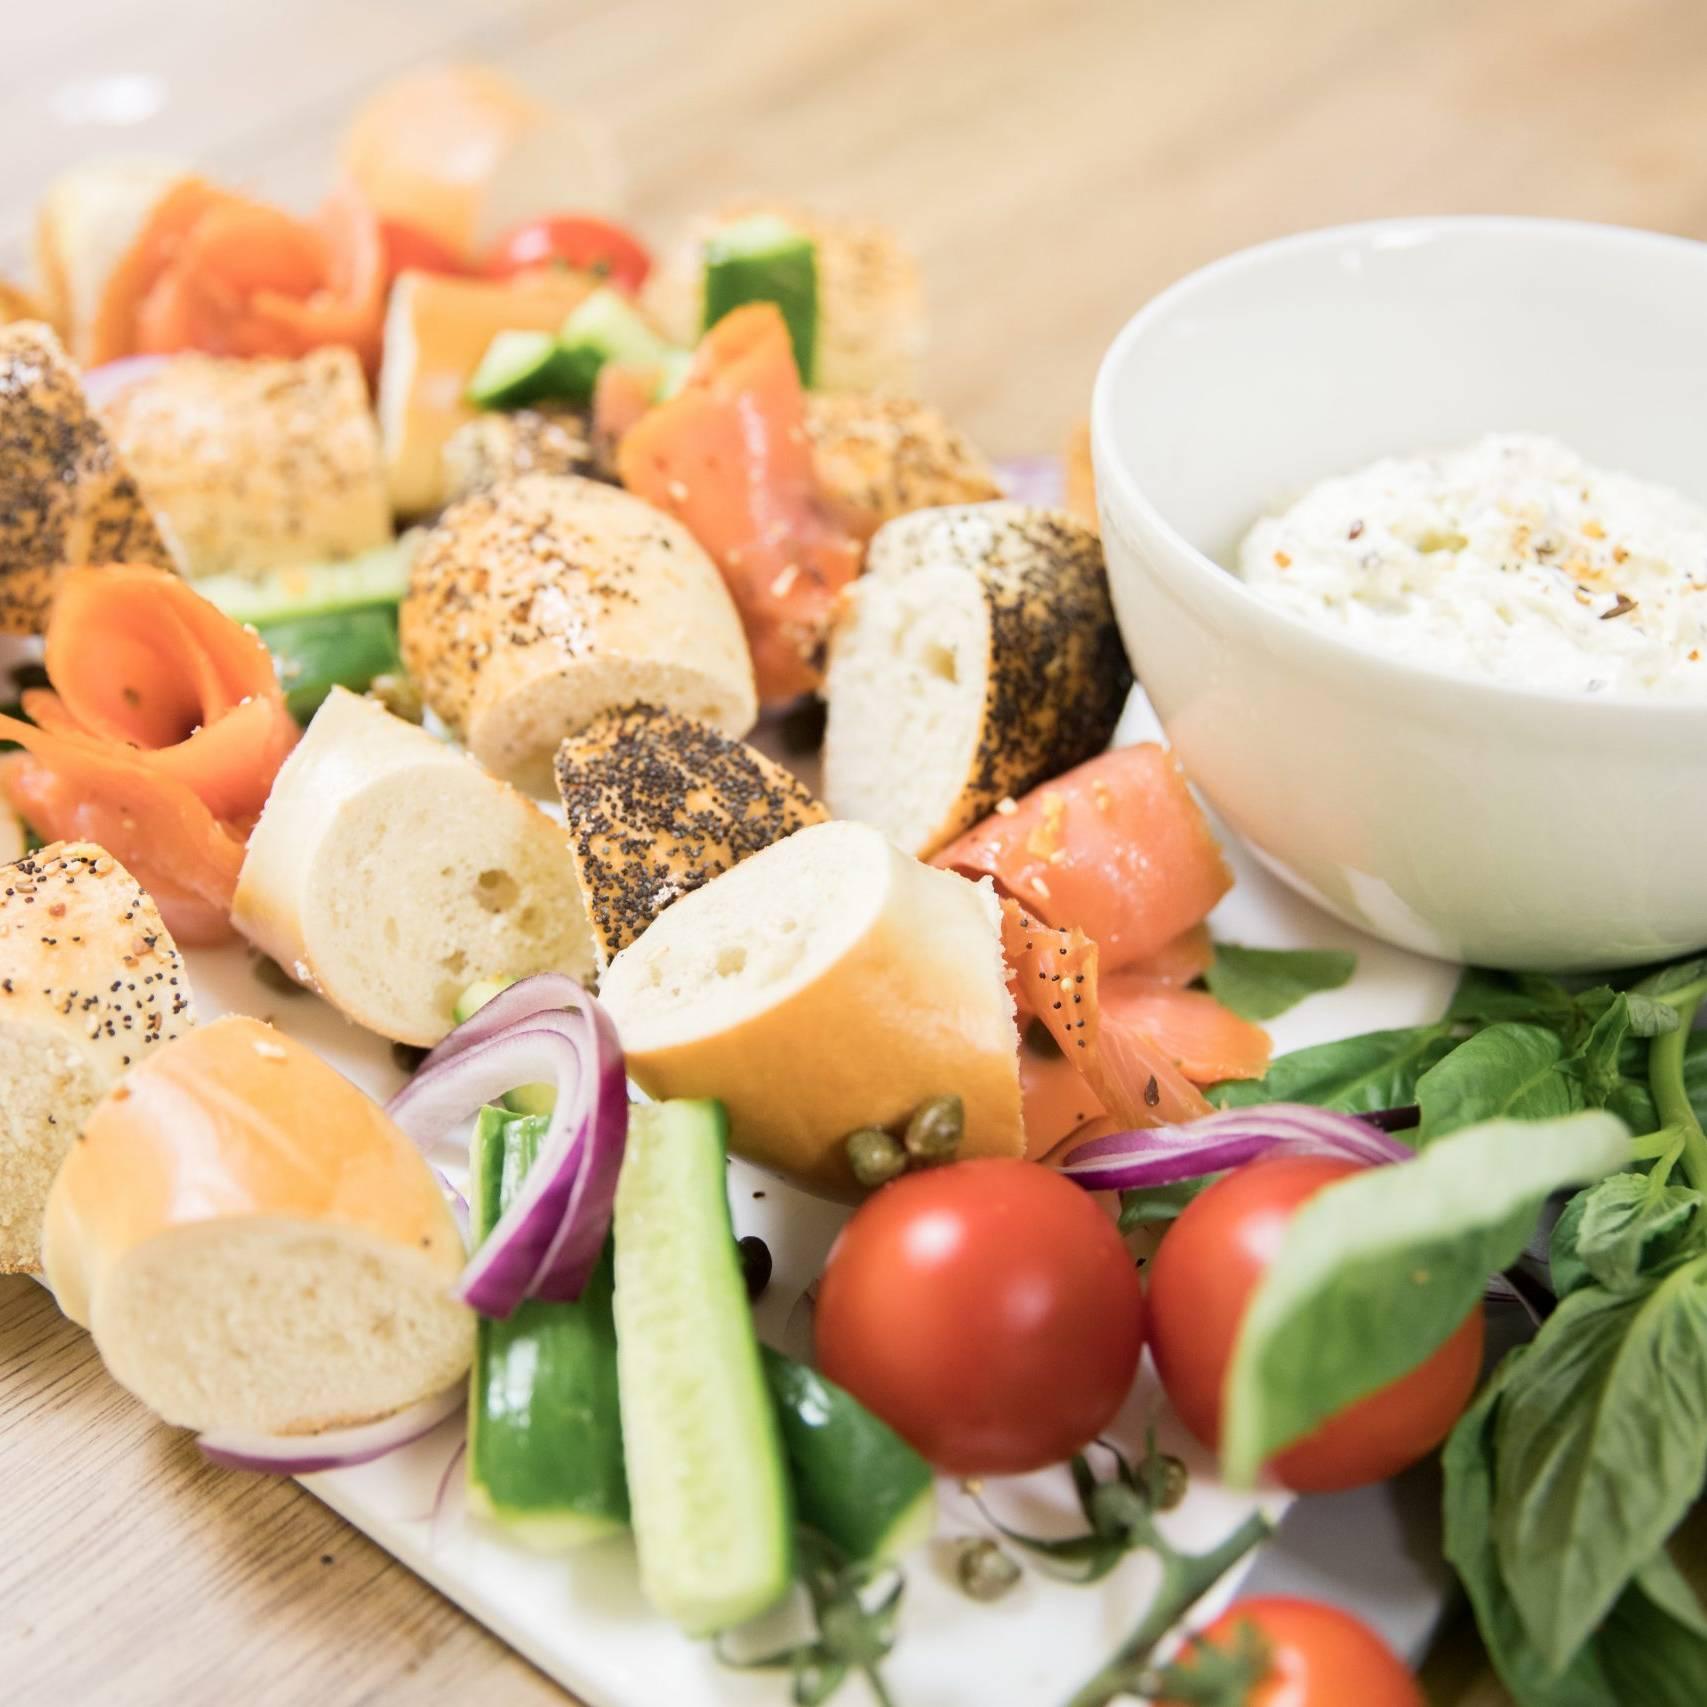 Bagel Board at Van Dusen Nutrition